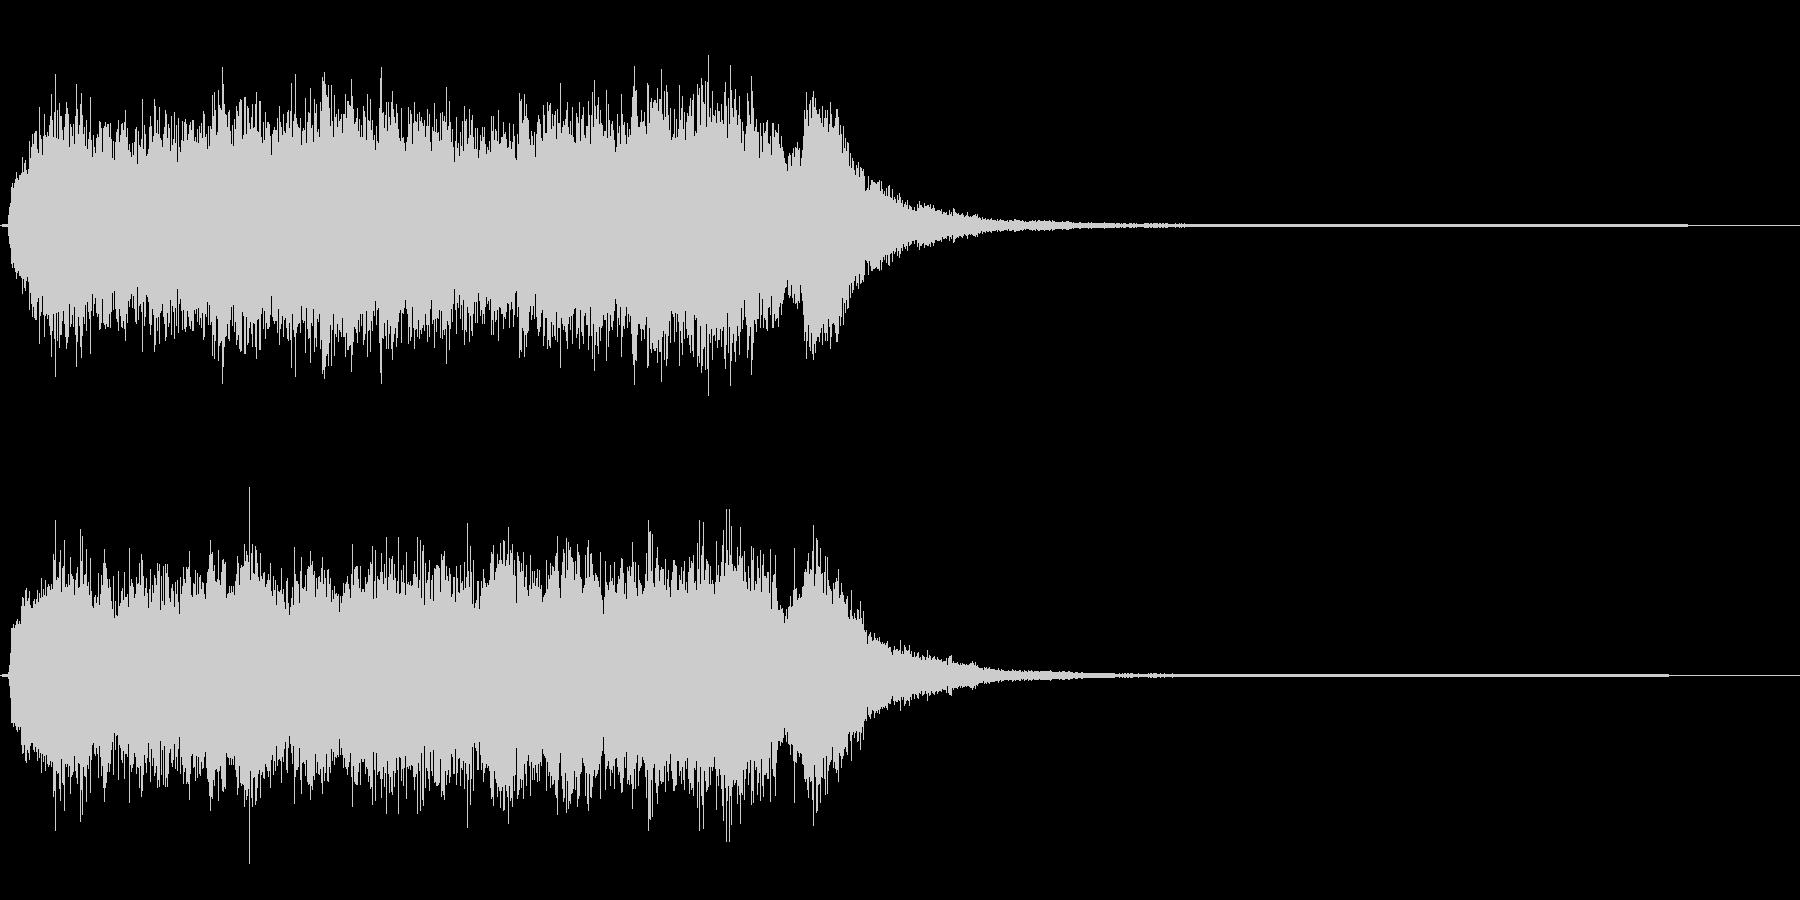 アトラクションが動き出す効果音の未再生の波形